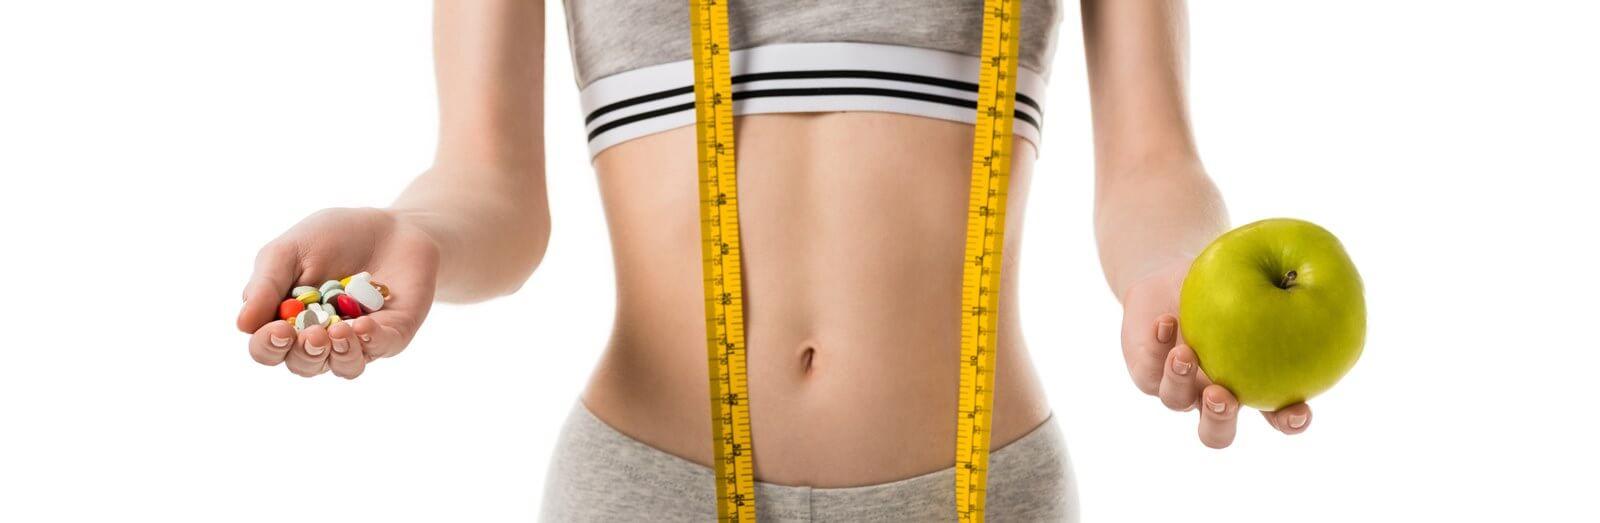 zdrowe odchudzanie częstochowa, schudnięcie